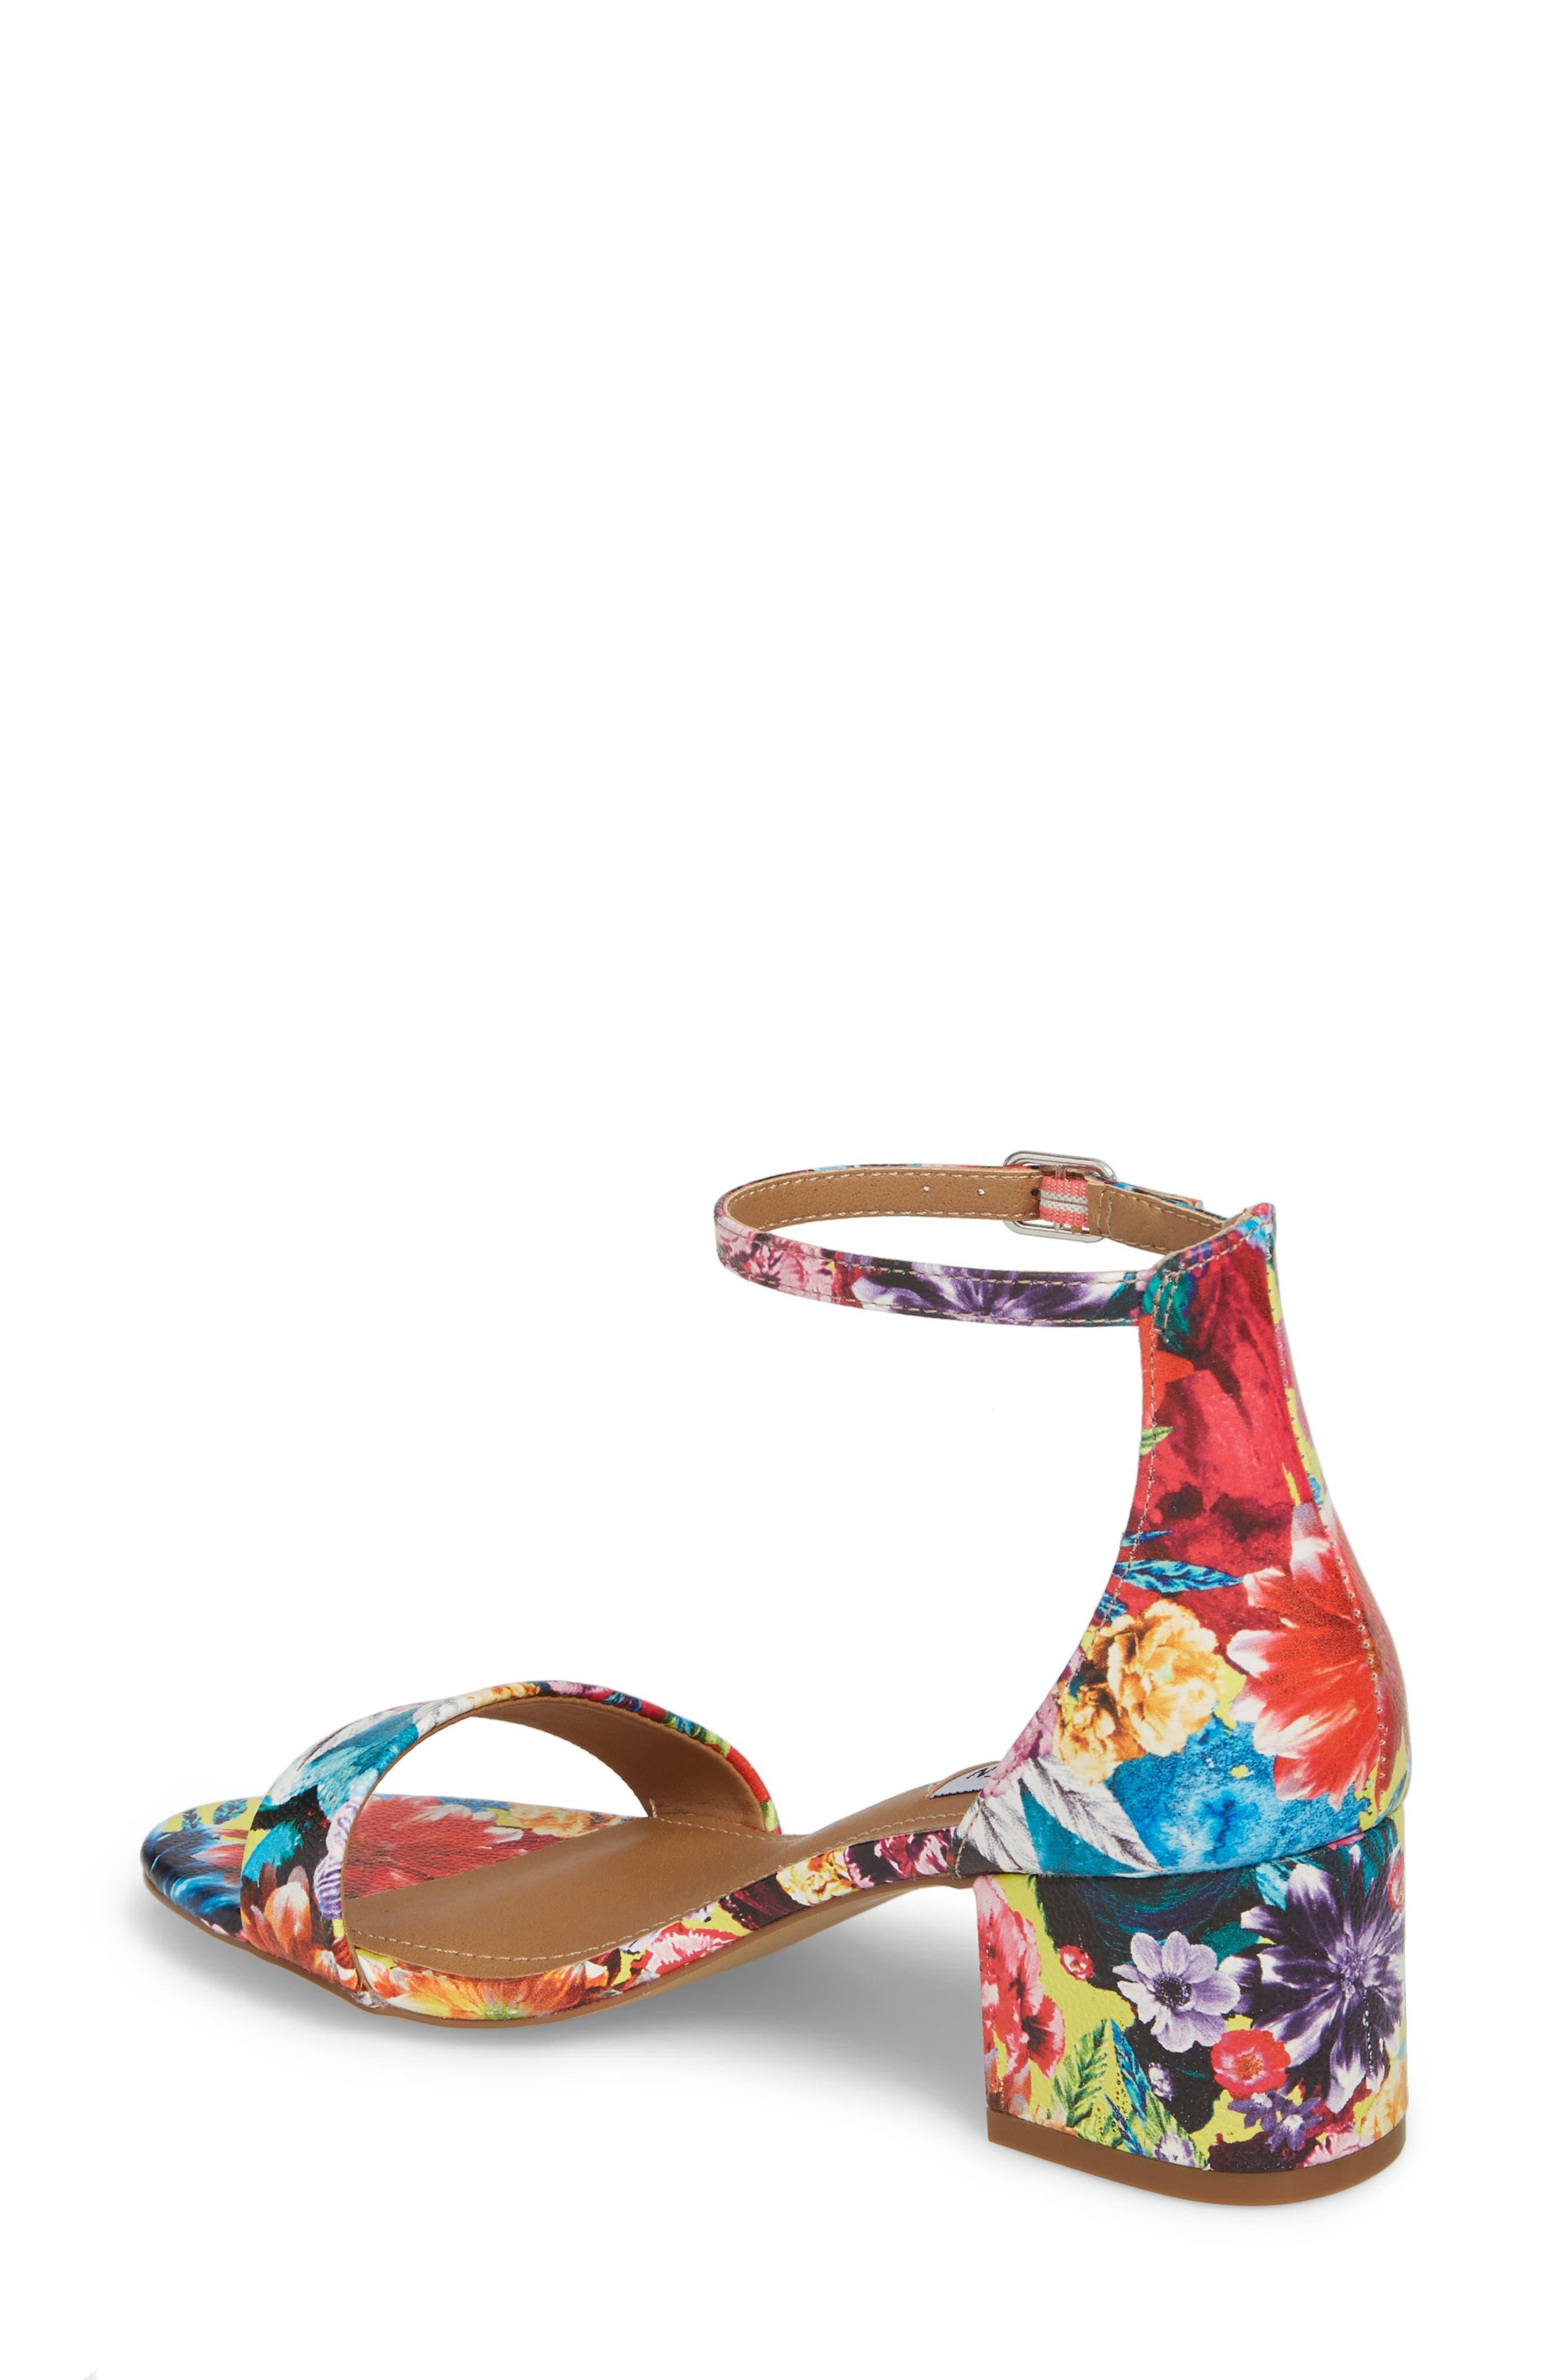 Irenee Ankle Strap Sandal,                             Alternate thumbnail 42, color,